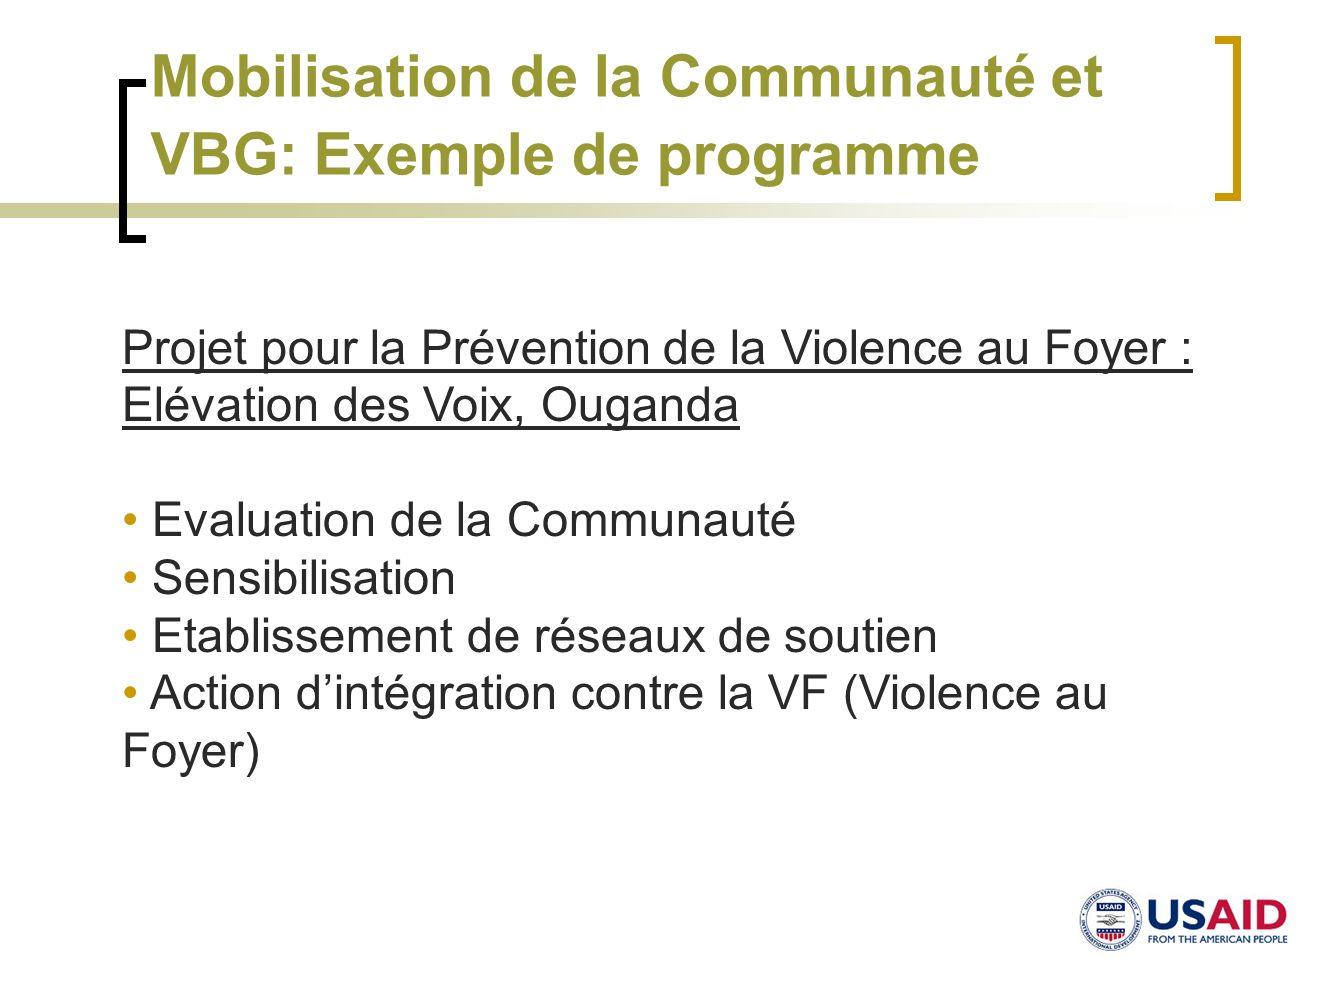 Mobilisation de la Communauté et VBG: Exemple de programme Projet pour la Prévention de la Violence au Foyer : Elévation des Voix, Ouganda Evaluation